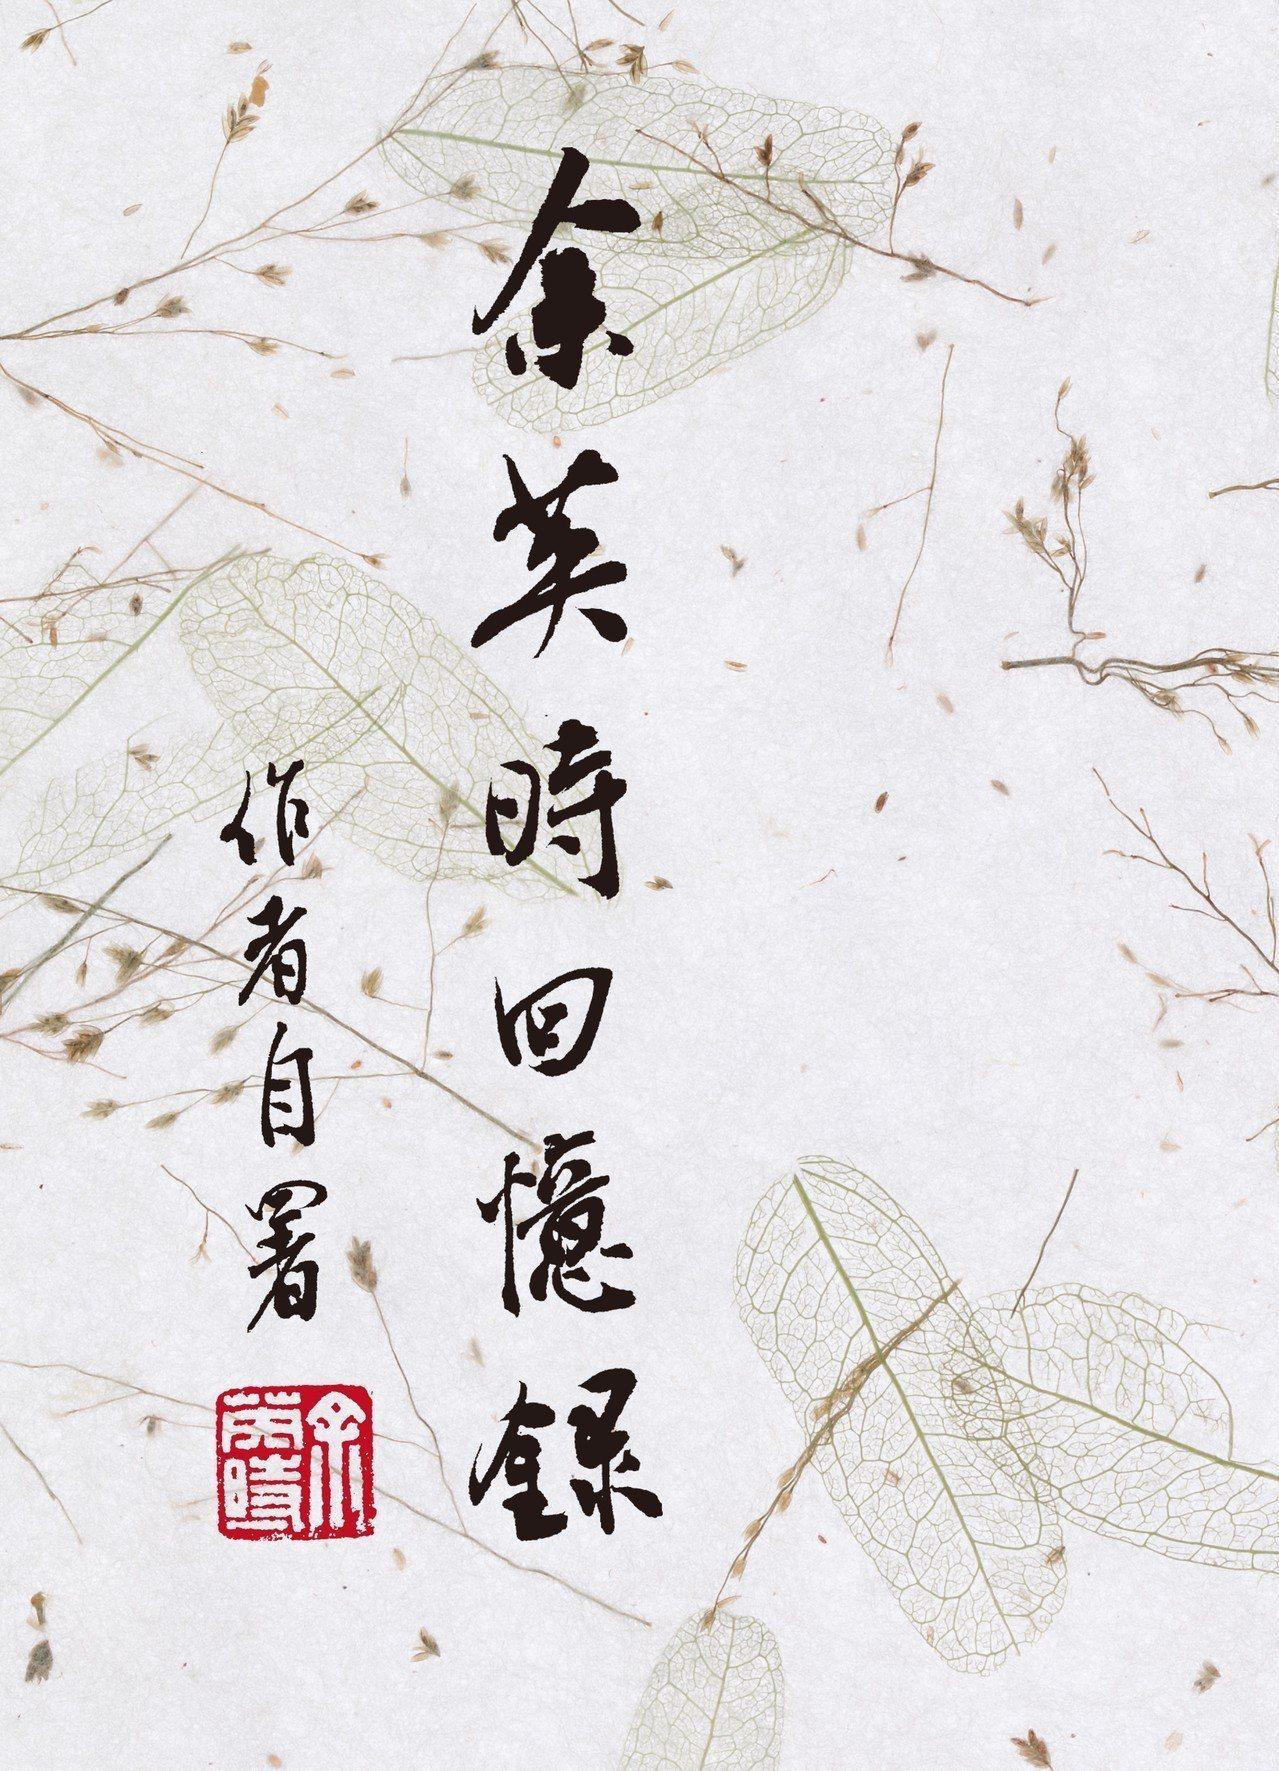 史學泰斗余英時近來出版首本回憶錄。圖/允晨文化提供